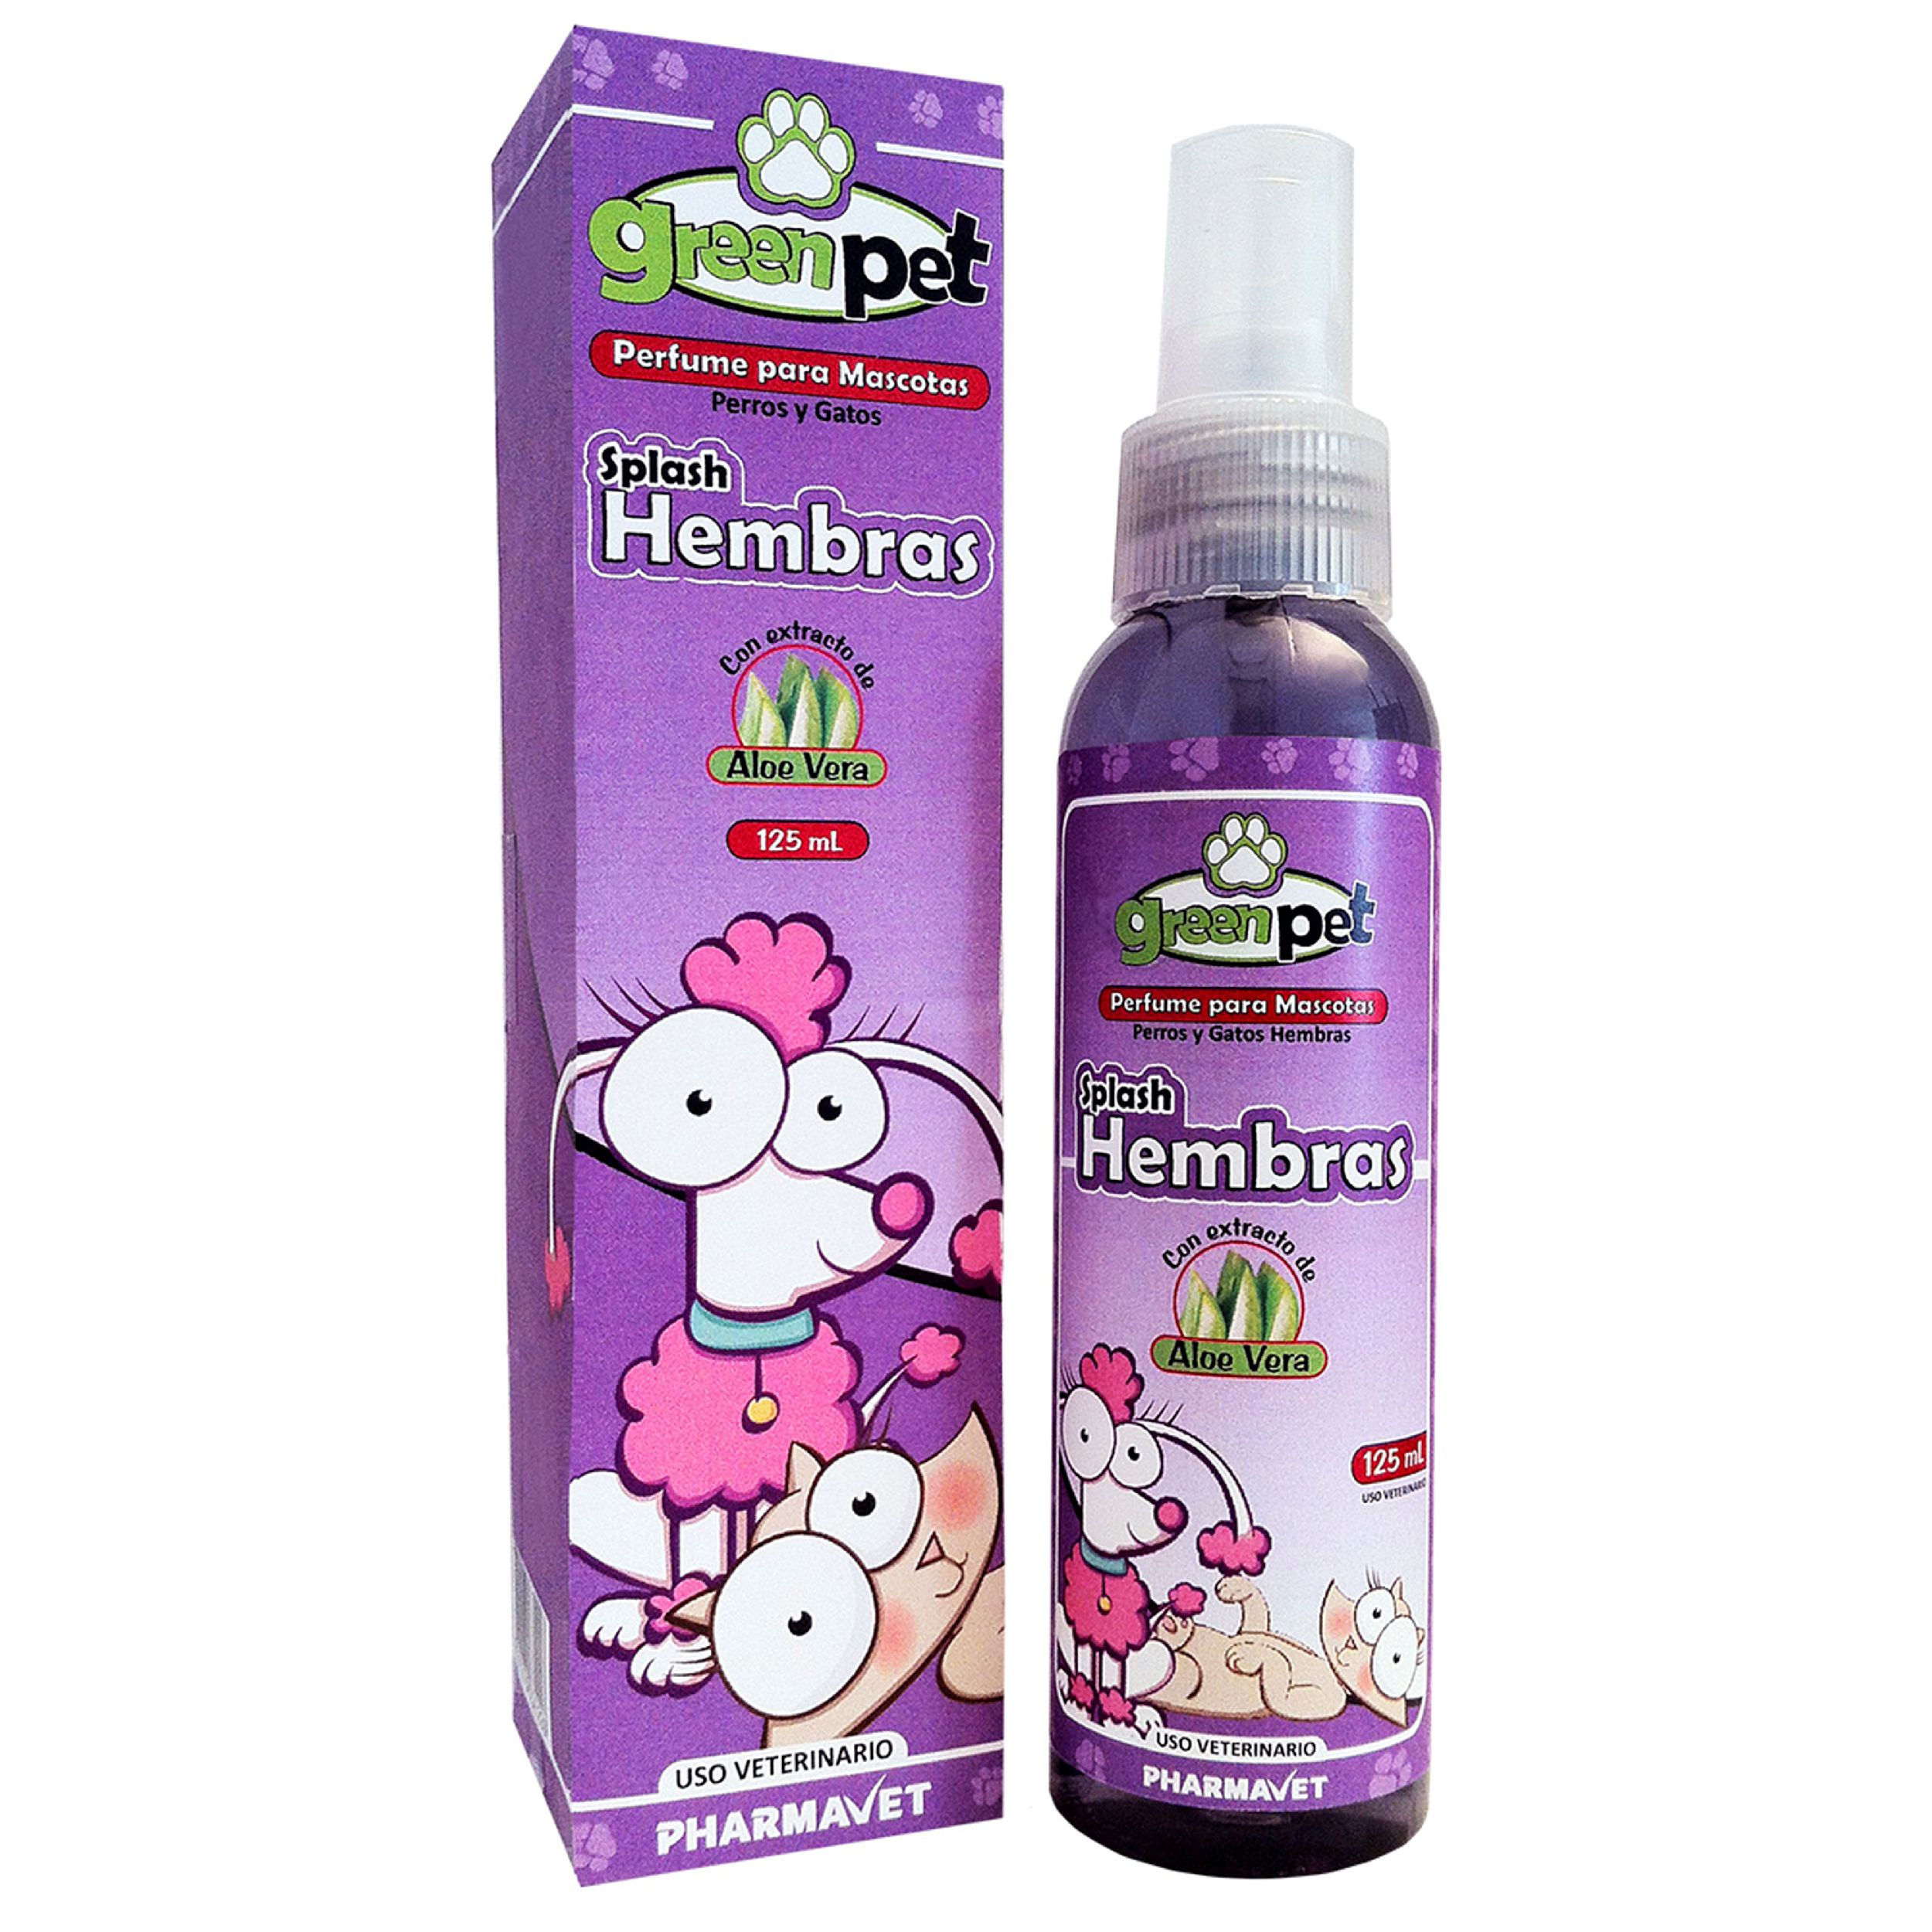 Perfume Hembras.jpg